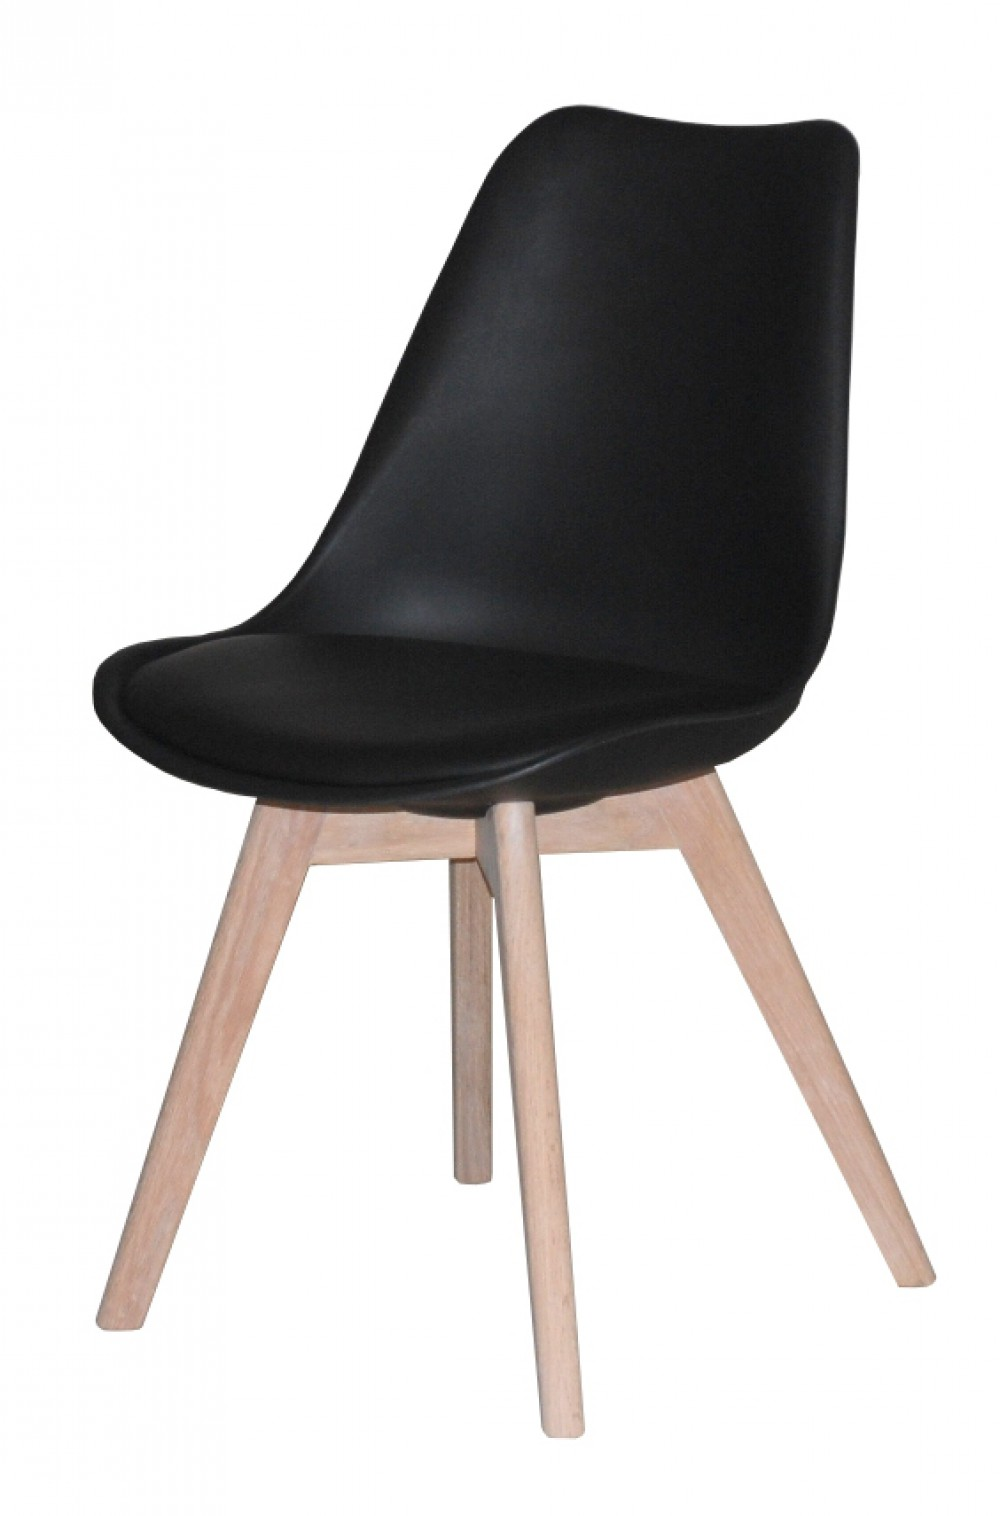 stuhl schwarz gepolstert stuhl kunststoff holz landhaus stil m bel. Black Bedroom Furniture Sets. Home Design Ideas